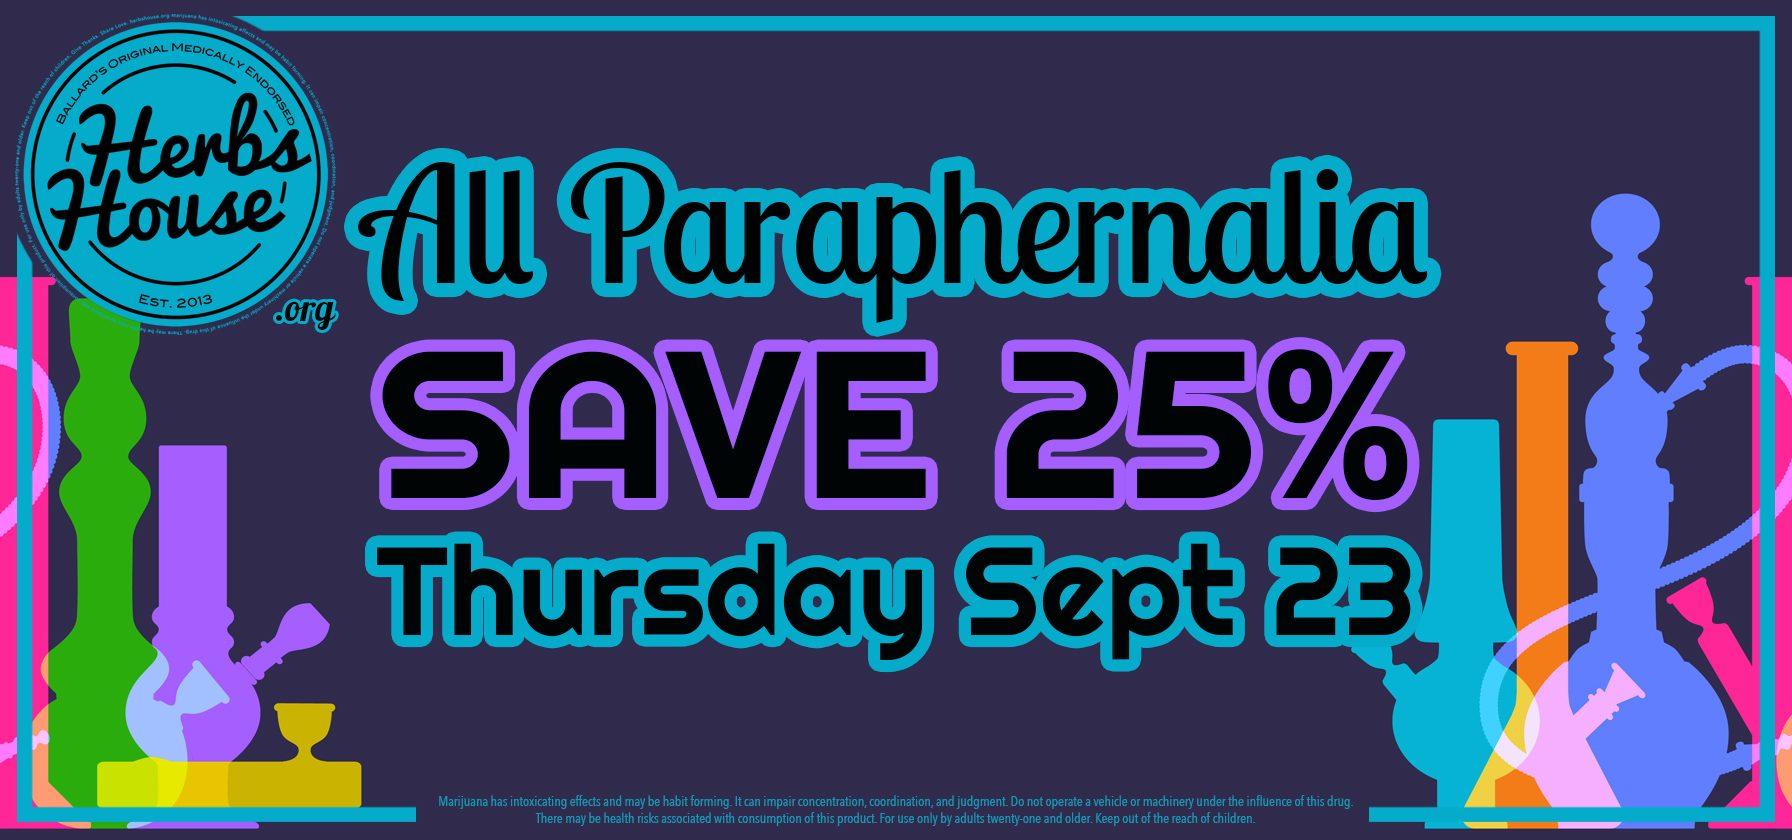 SAVE 25% Pipes Bongs Rigs Sept 23 Thursday